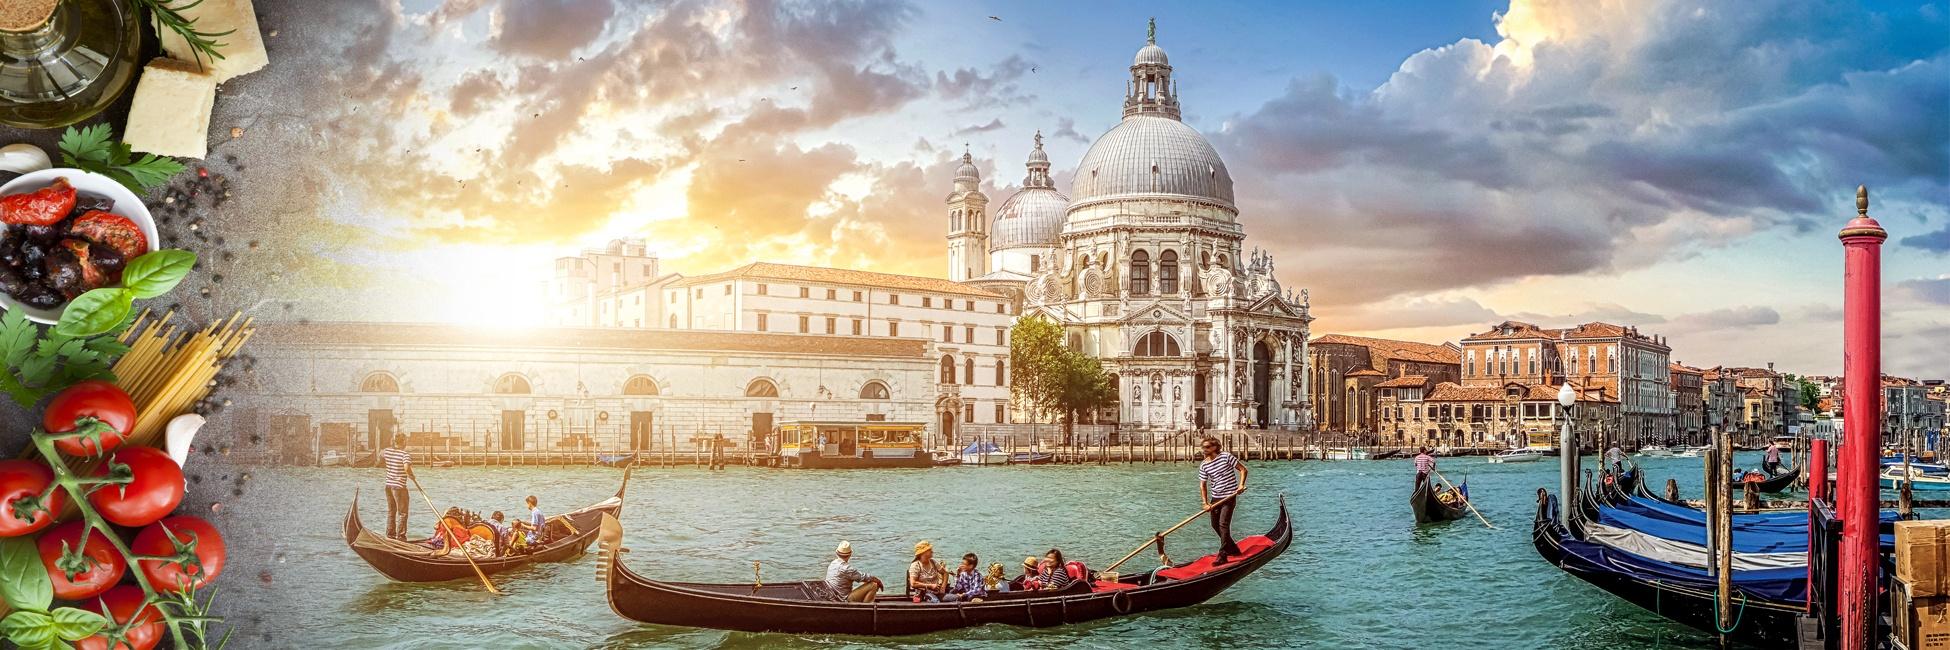 Délicieuse Venise!